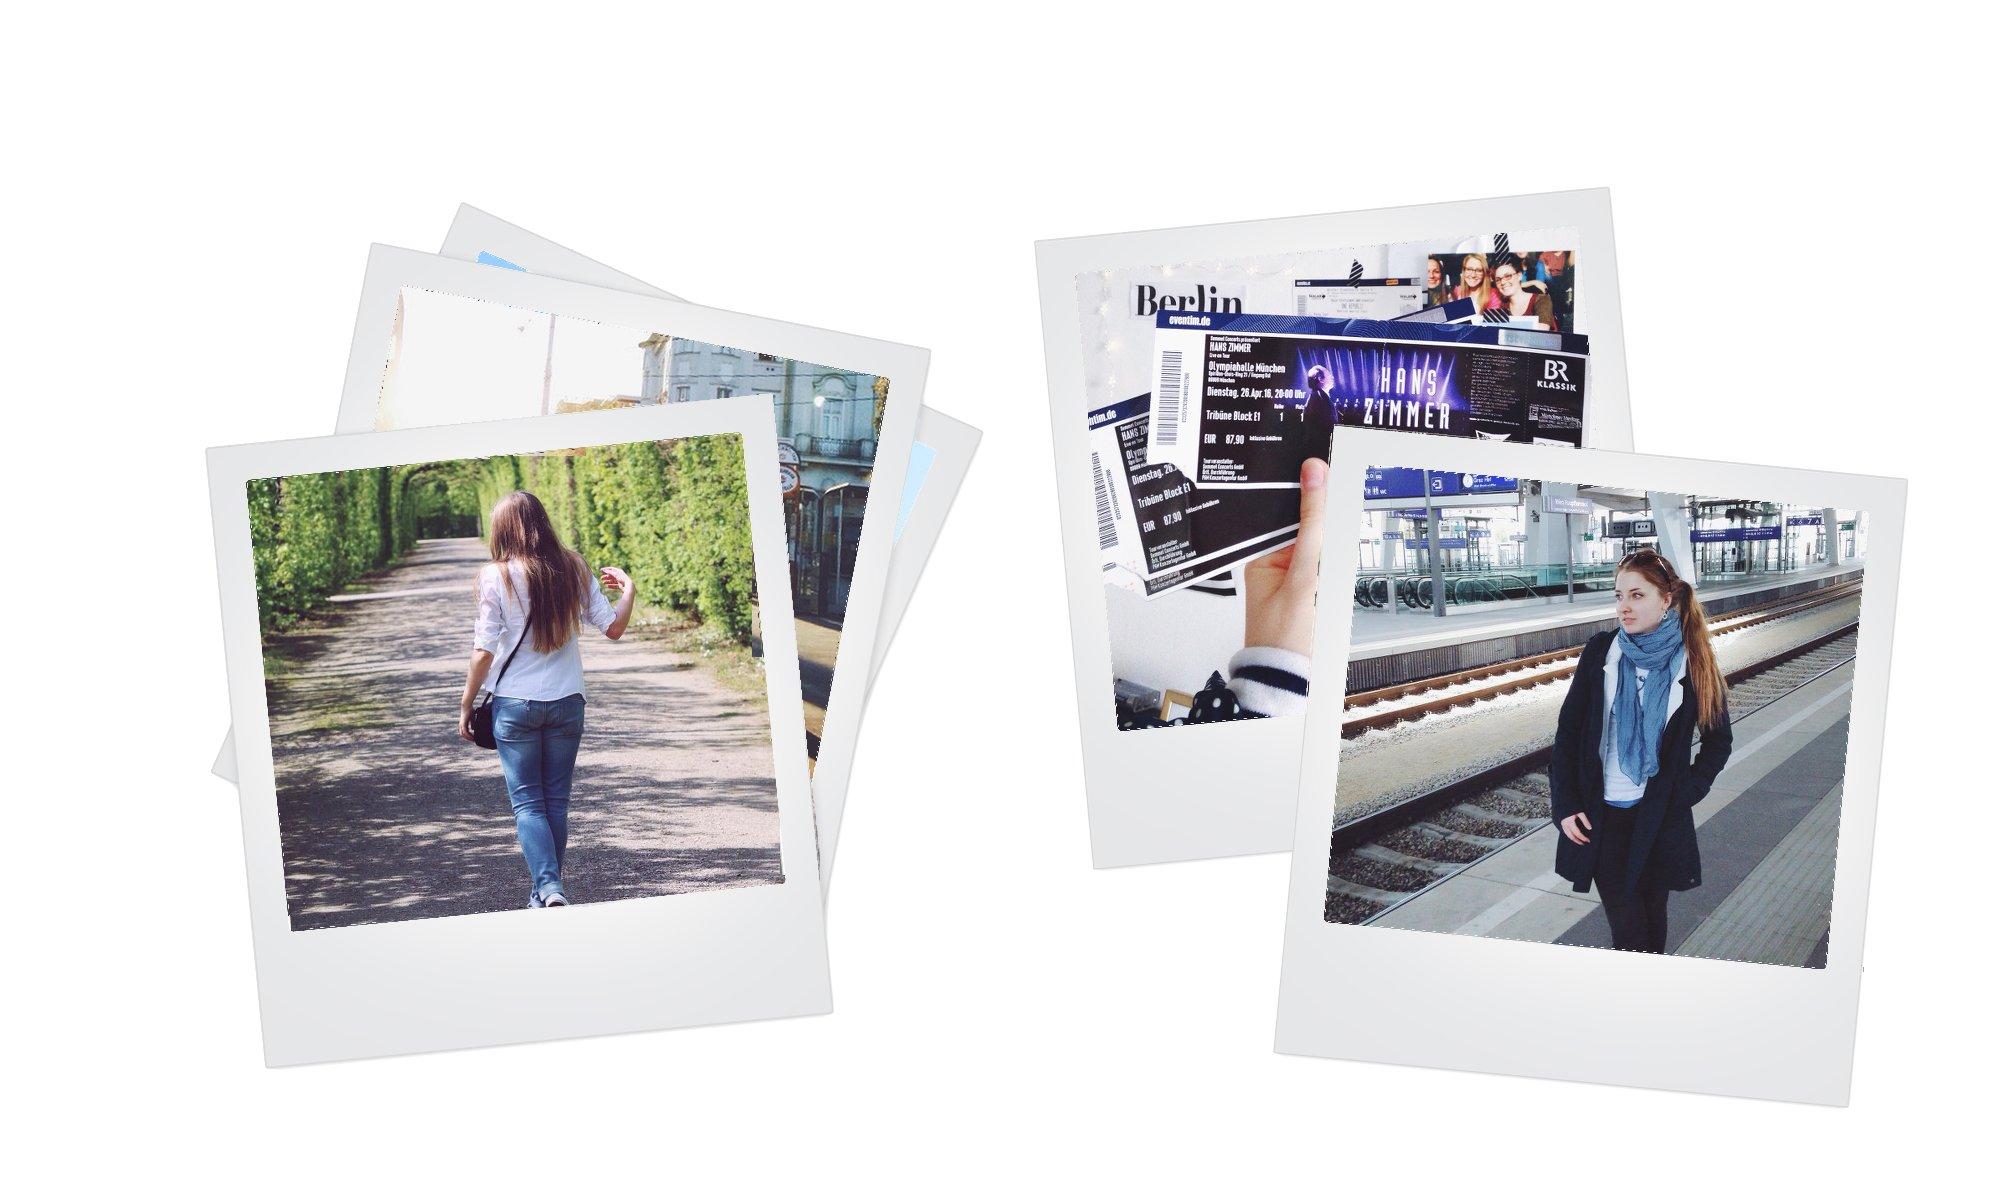 Sonntagsbrunch-lifestyle-lifestyleblog-vanillaholica